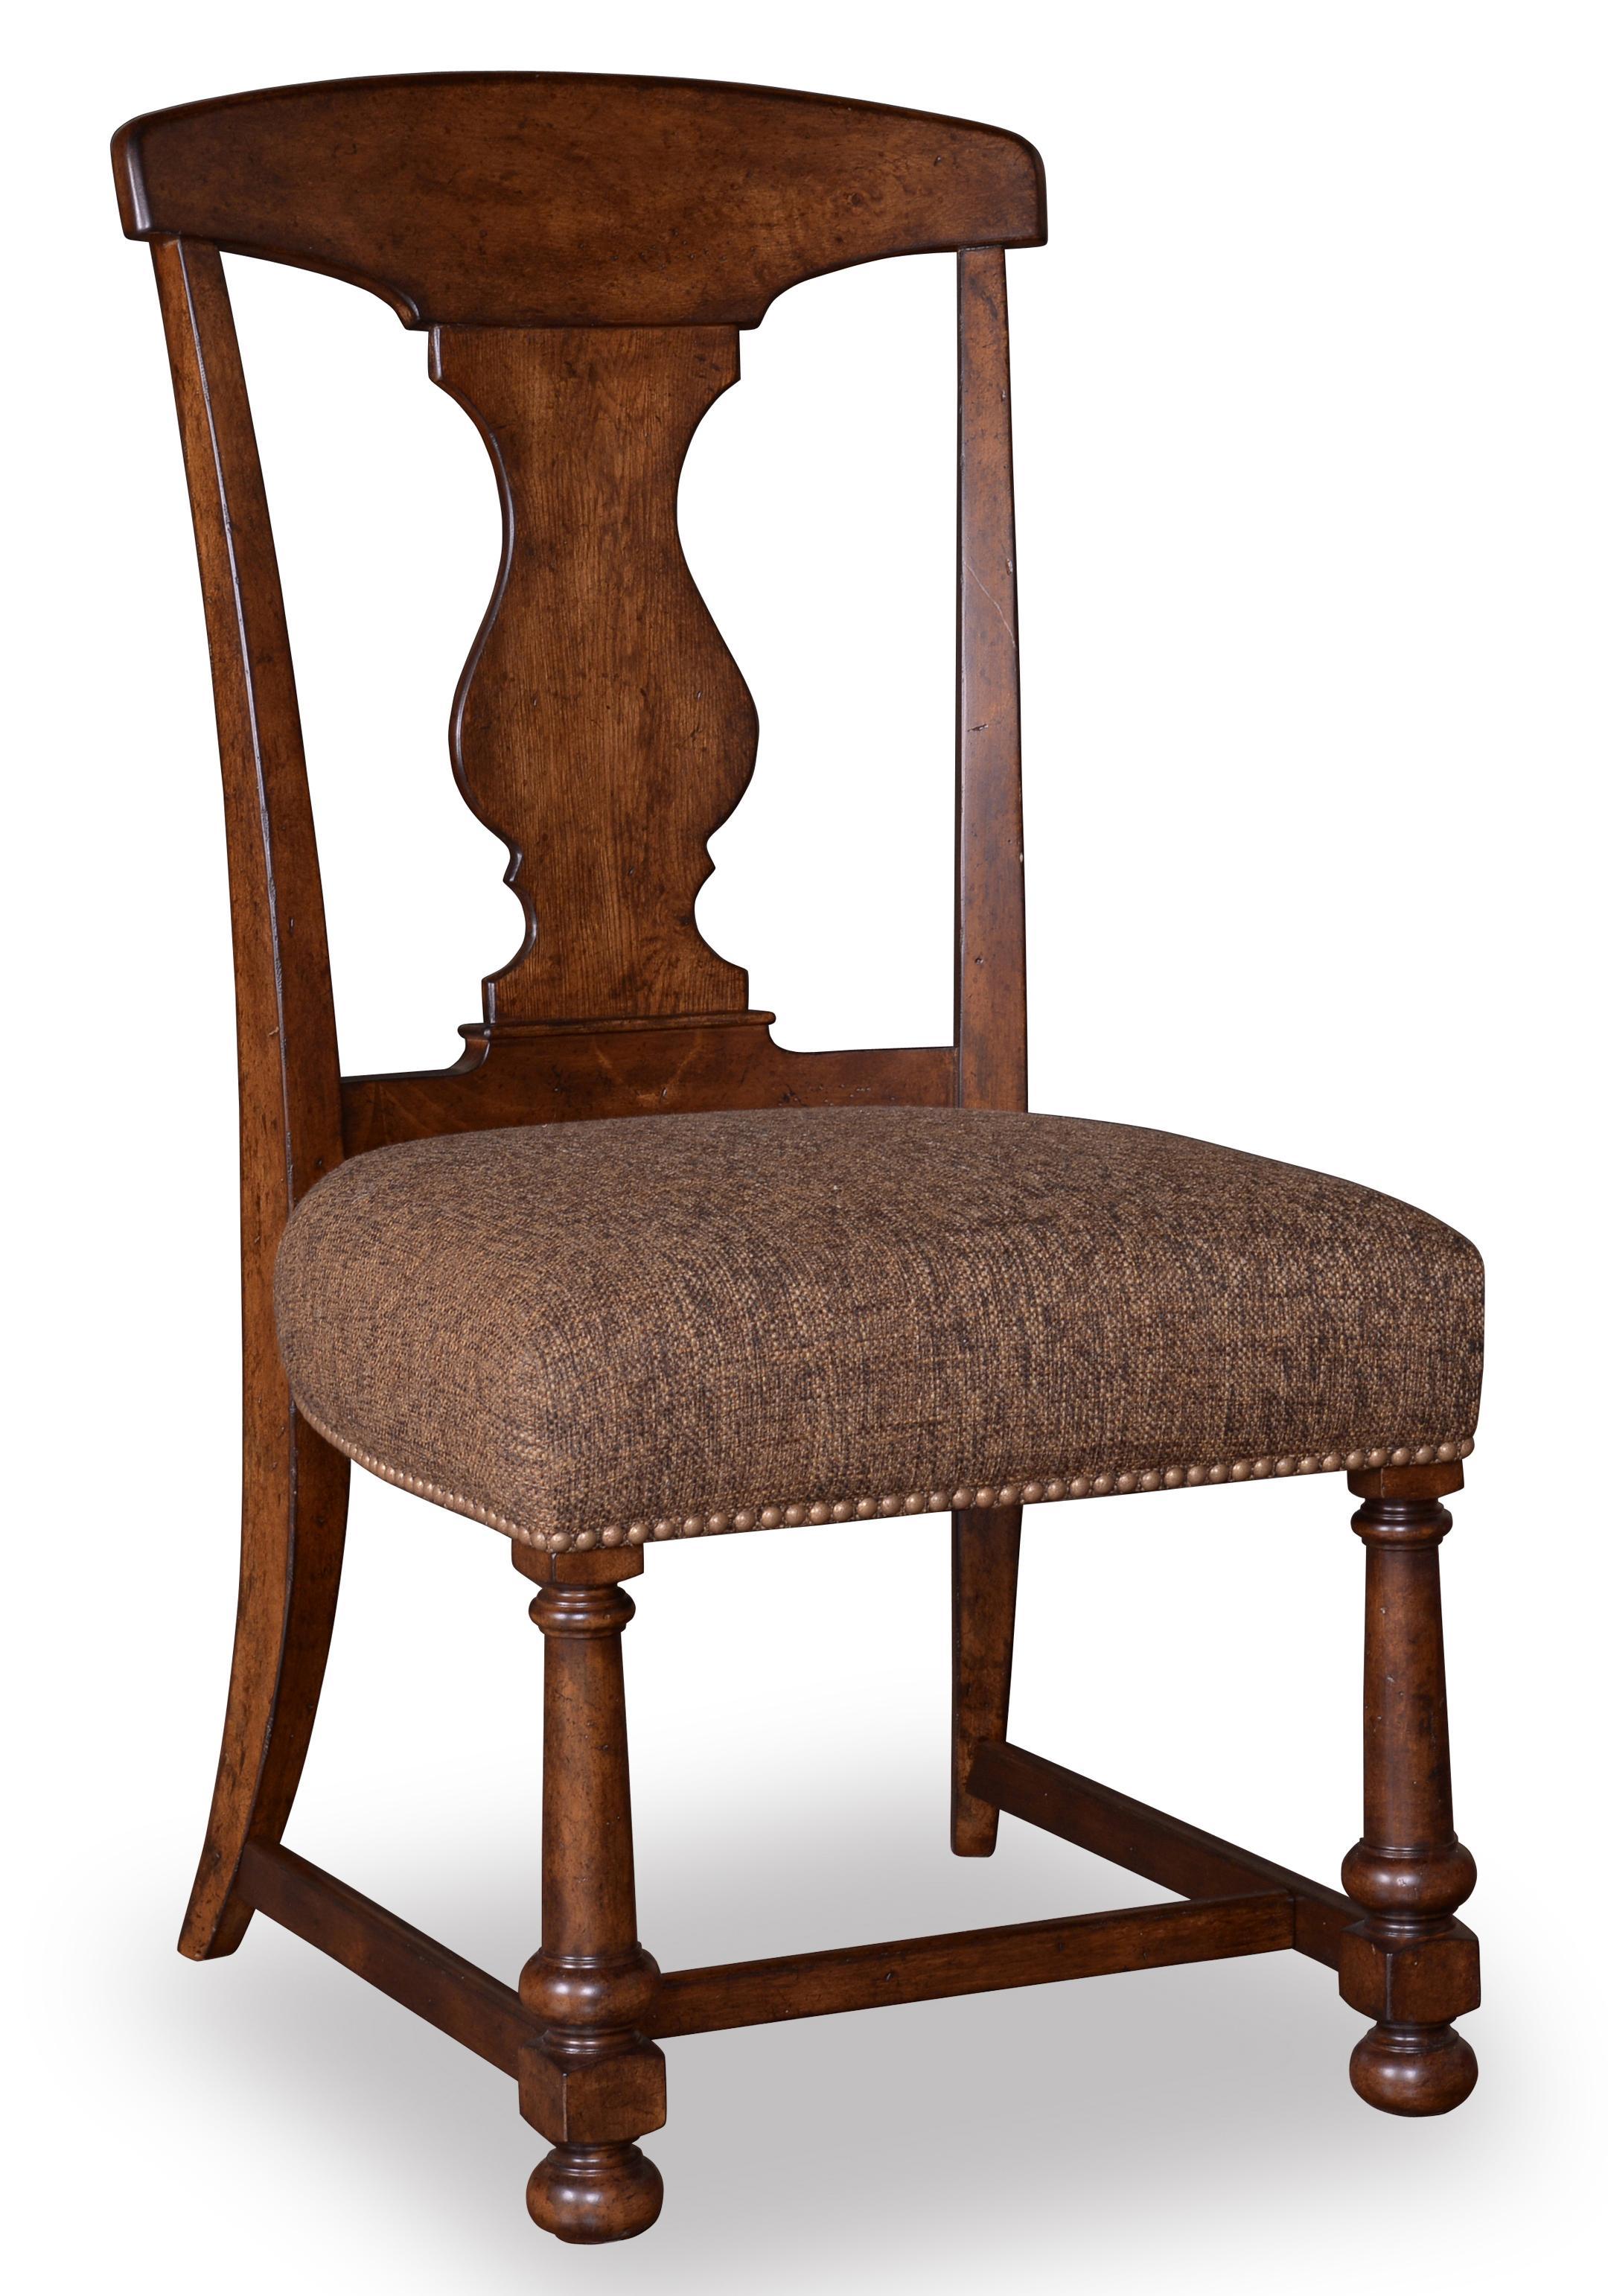 Belfort Signature Belvedere Splat-Back Side Chair - Item Number: 205204-2304